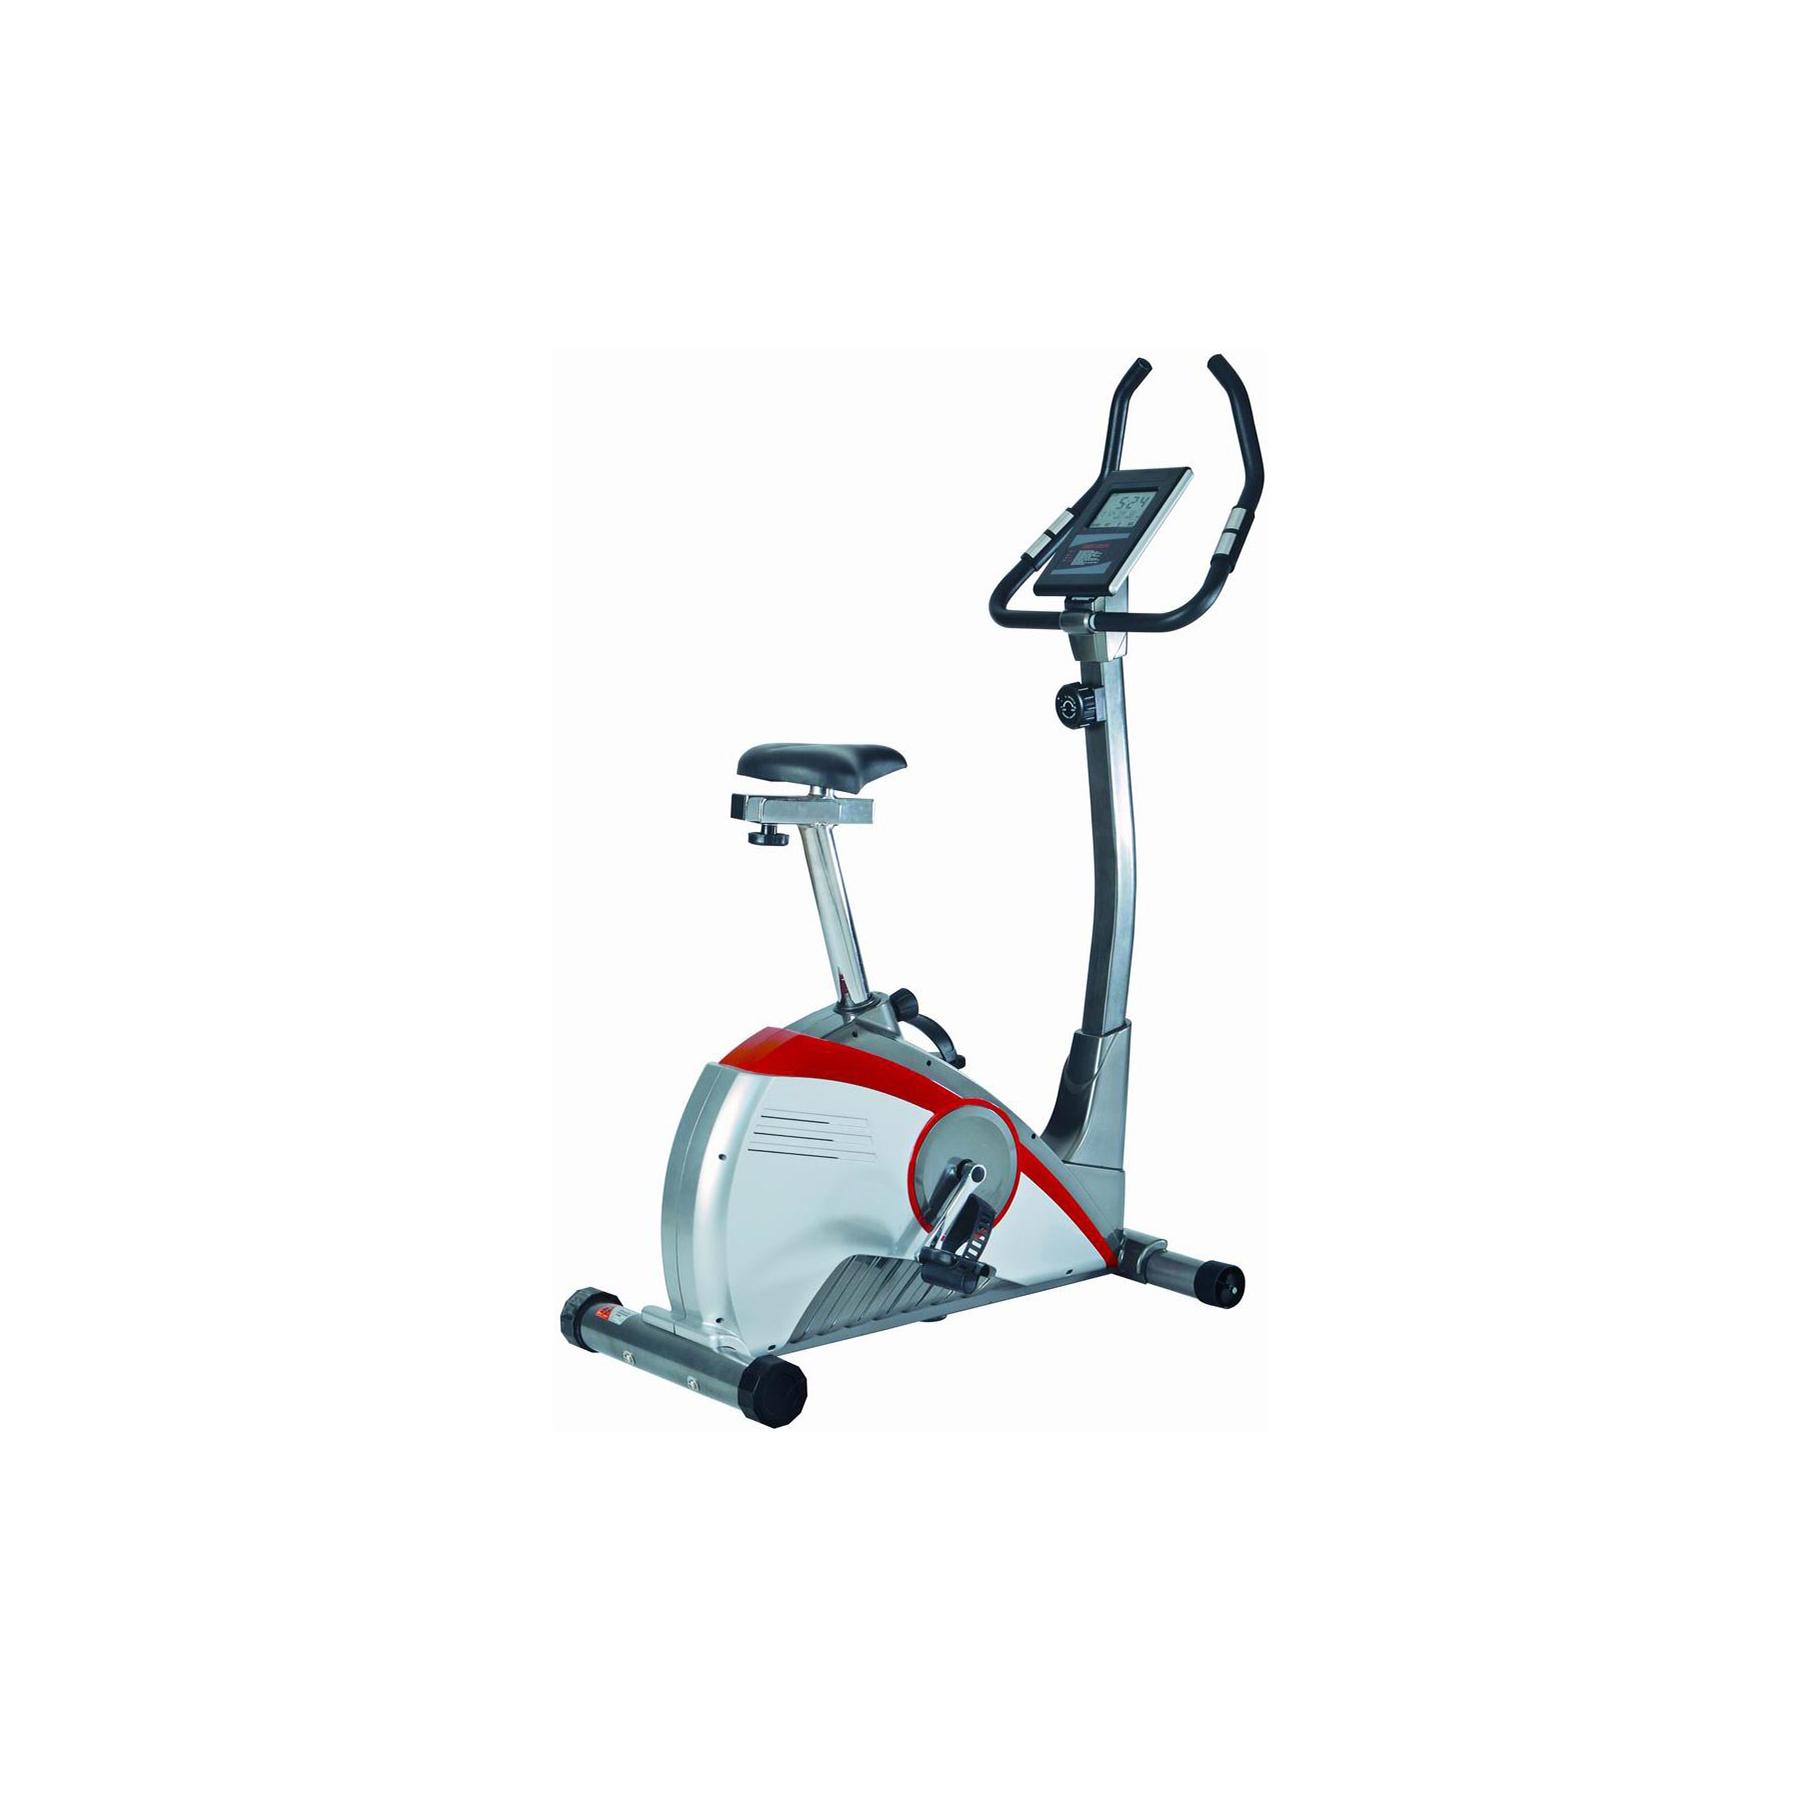 Велотренажер магнитный ВМ-800 (маховик 9 кг, вес польз. 140кг)  /К8702